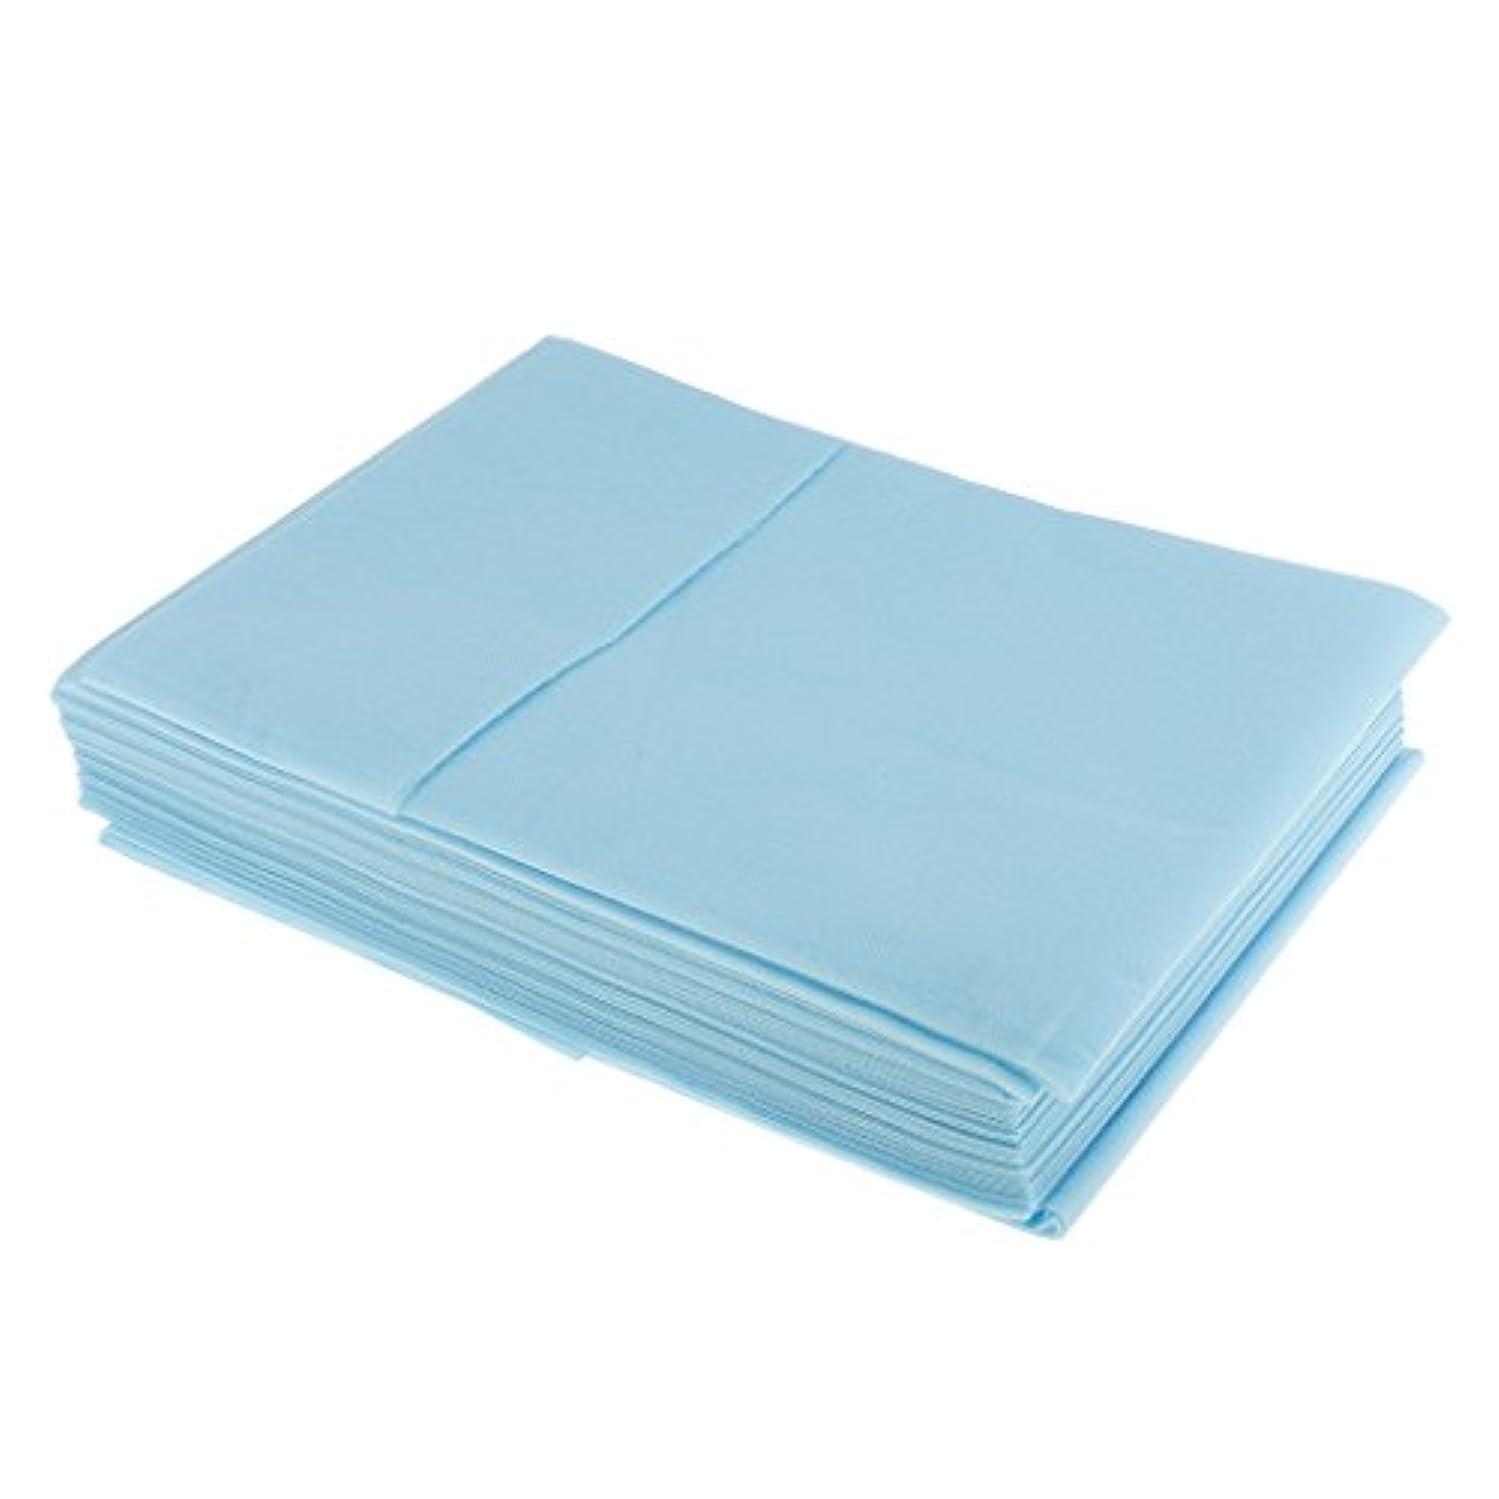 百科事典ハードウェアグラムPerfk 10枚入り 使い捨て 衛生シート ベッドパッド 旅行用 美容室/マッサージ/サロン/ホテル 店舗用品 全3色選べ - 青